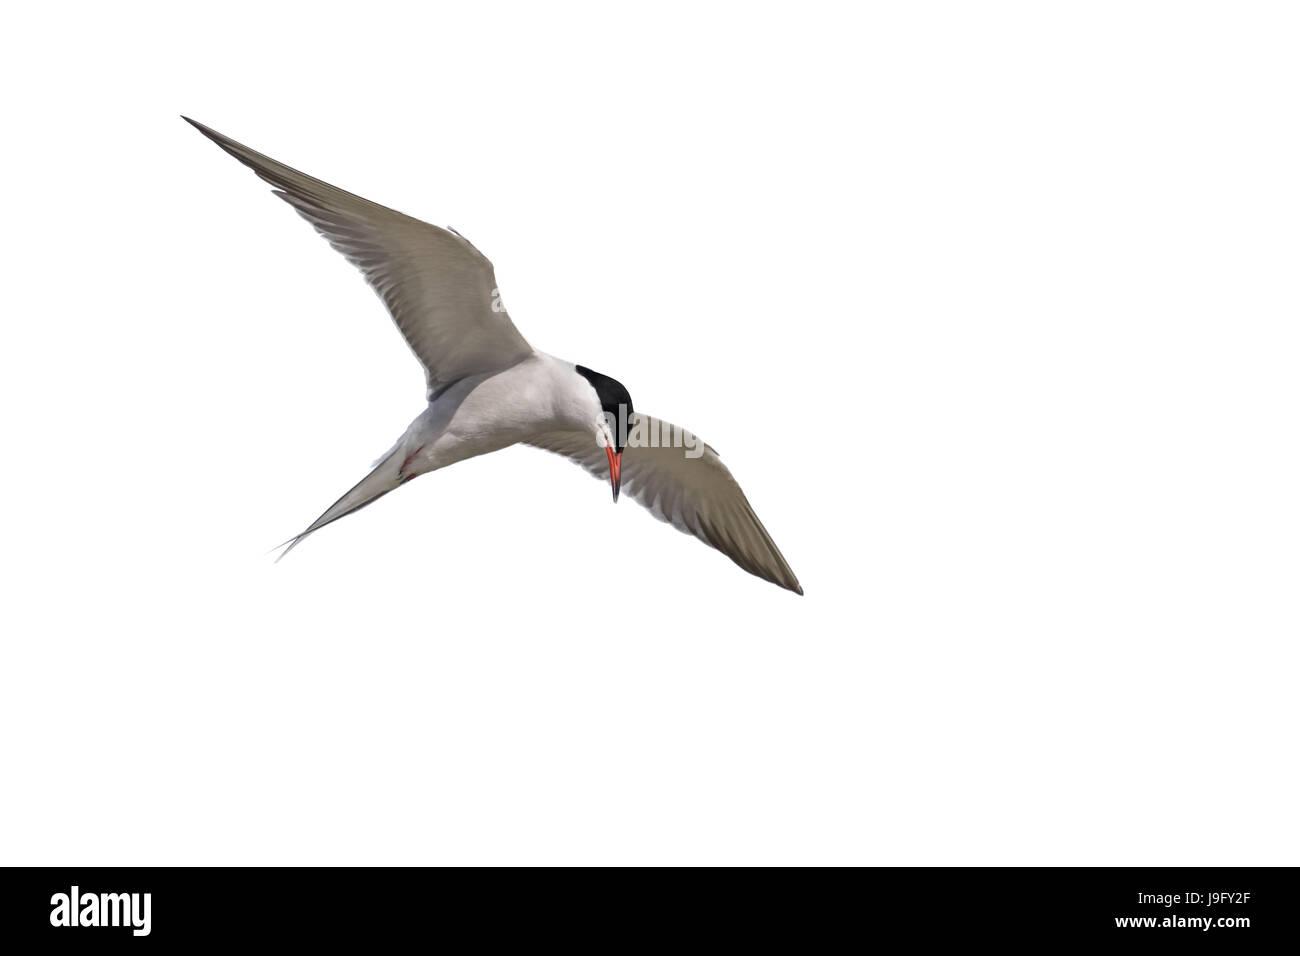 An adult, summer plumage, Common Tern, Sterna hirundo, seabird, in flight. - Stock Image